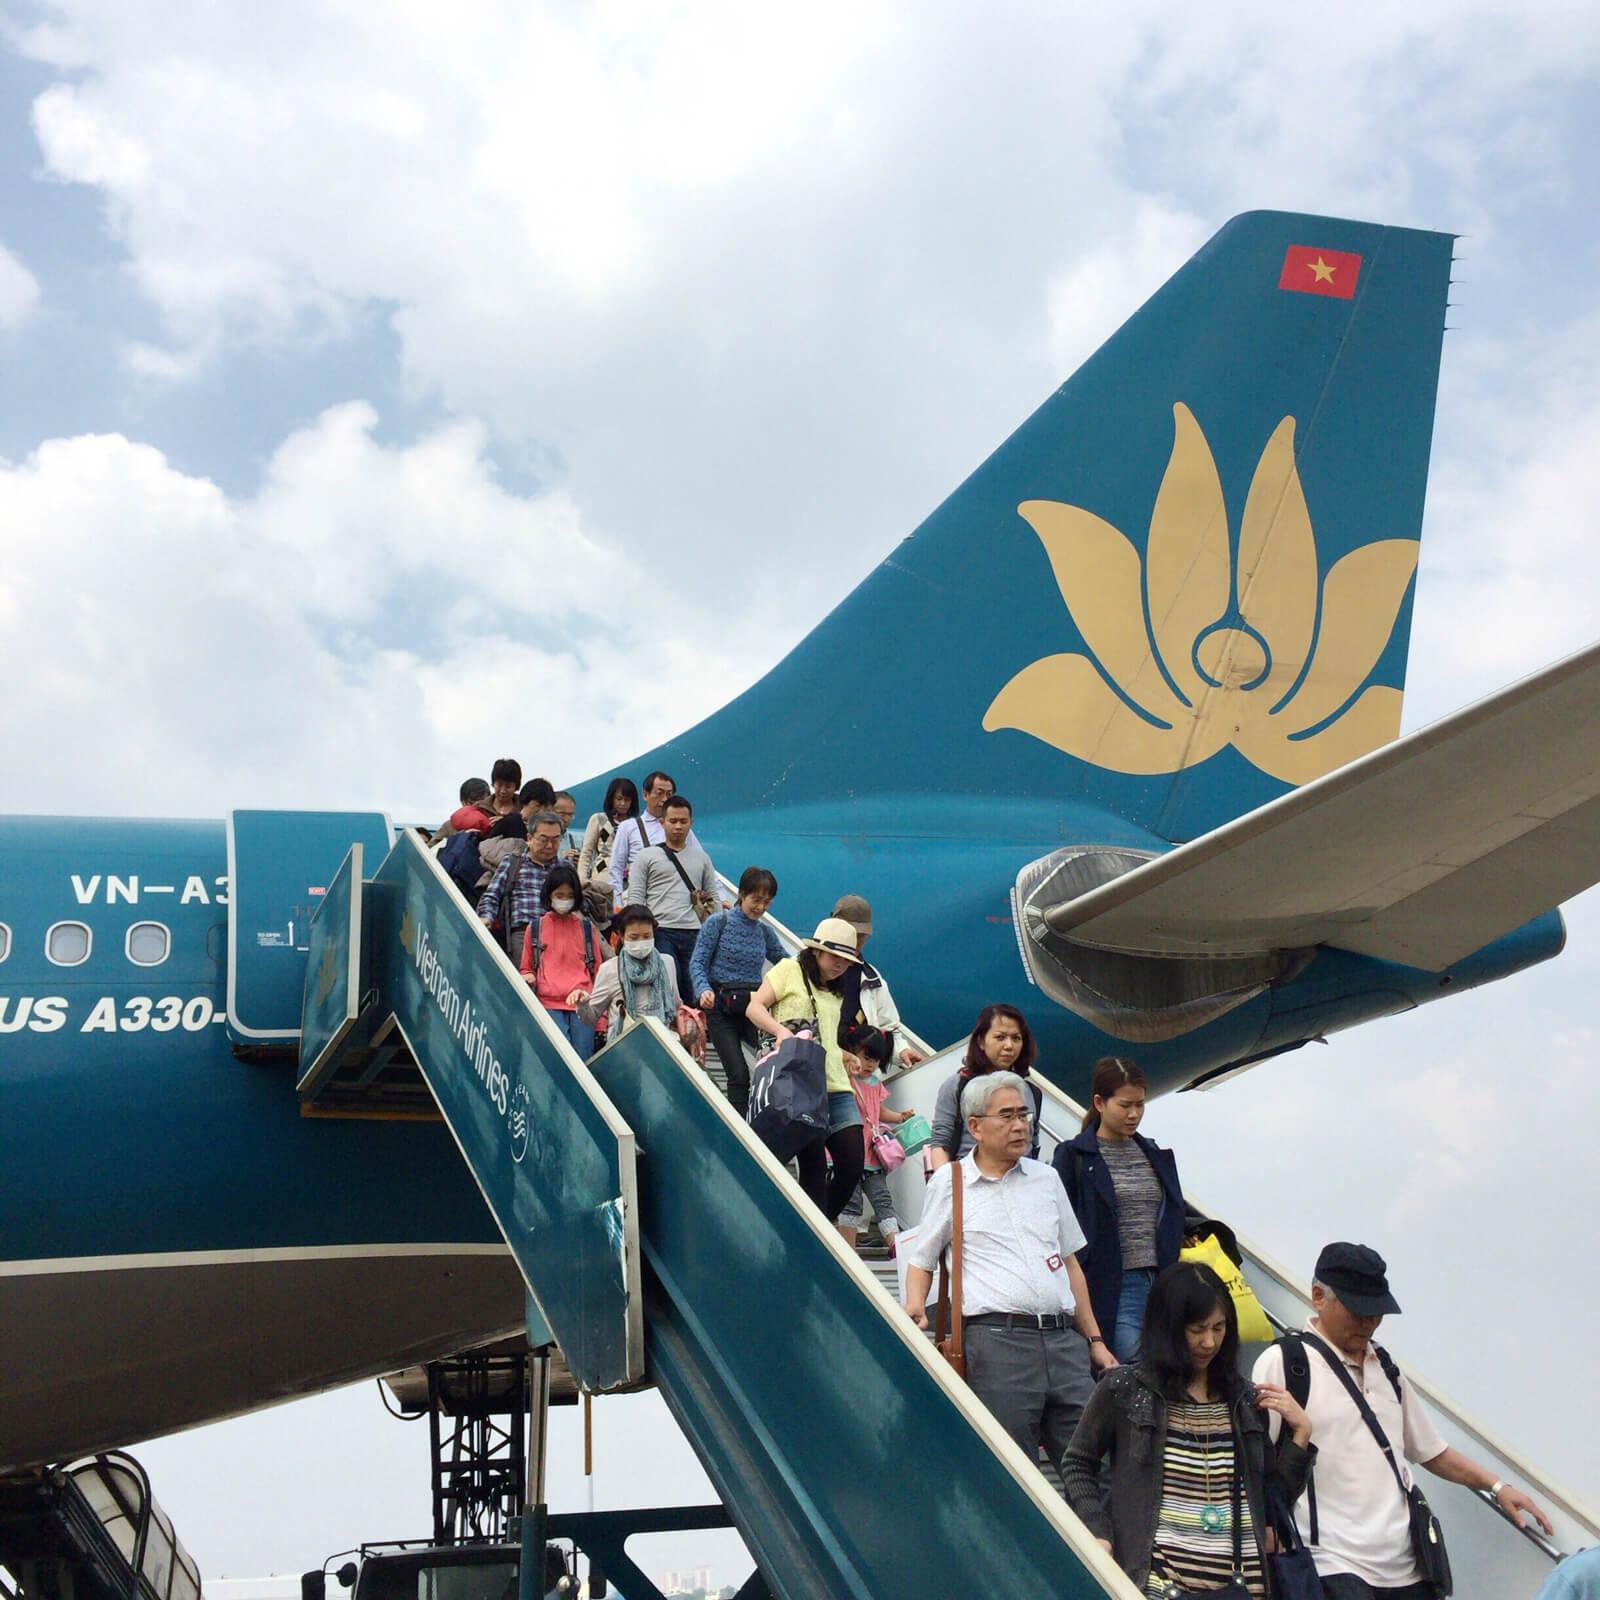 ベトナム航空 到着